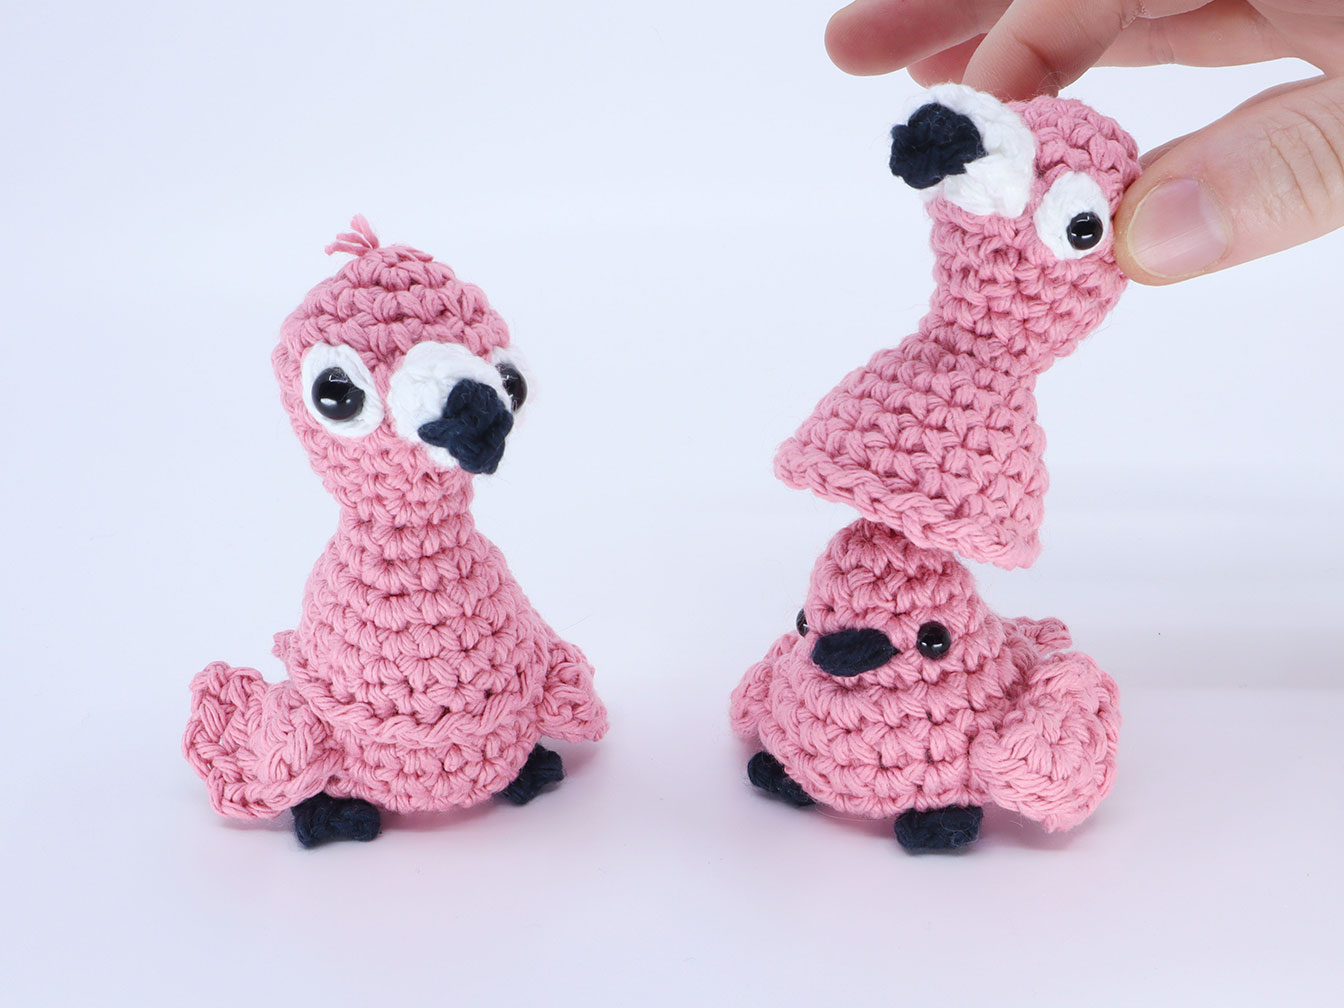 Flamingo Birb Amigurumi